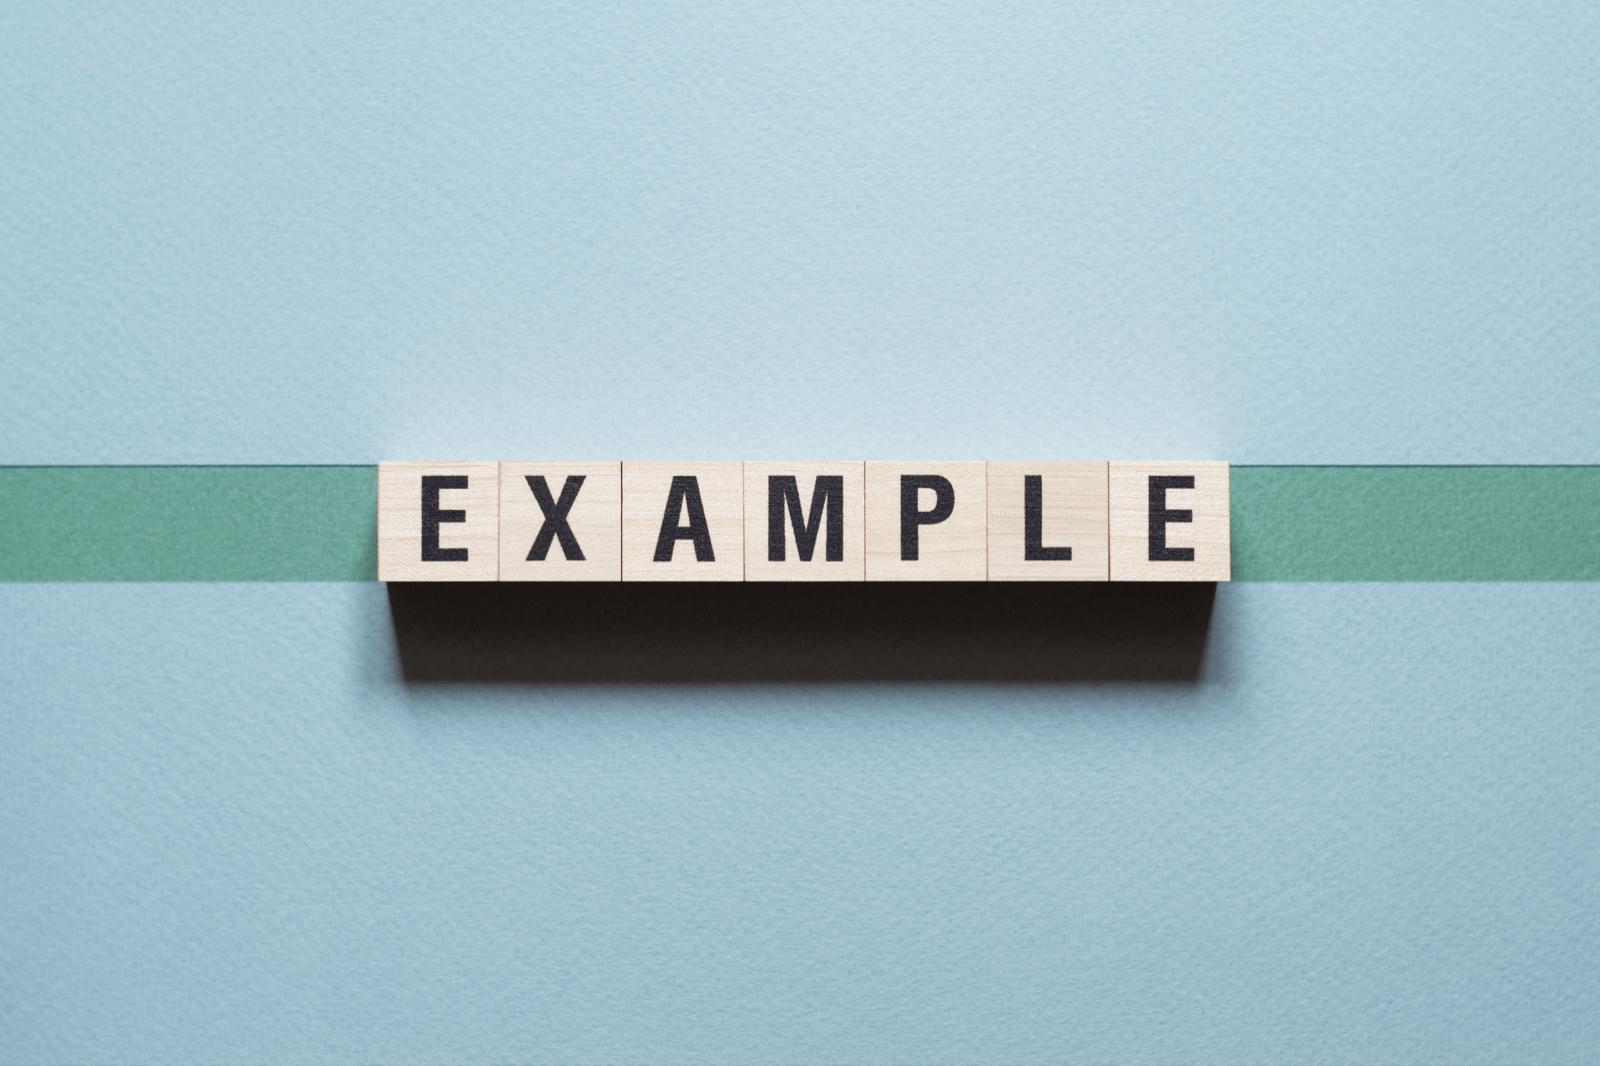 「Example」と印字された木のブロック